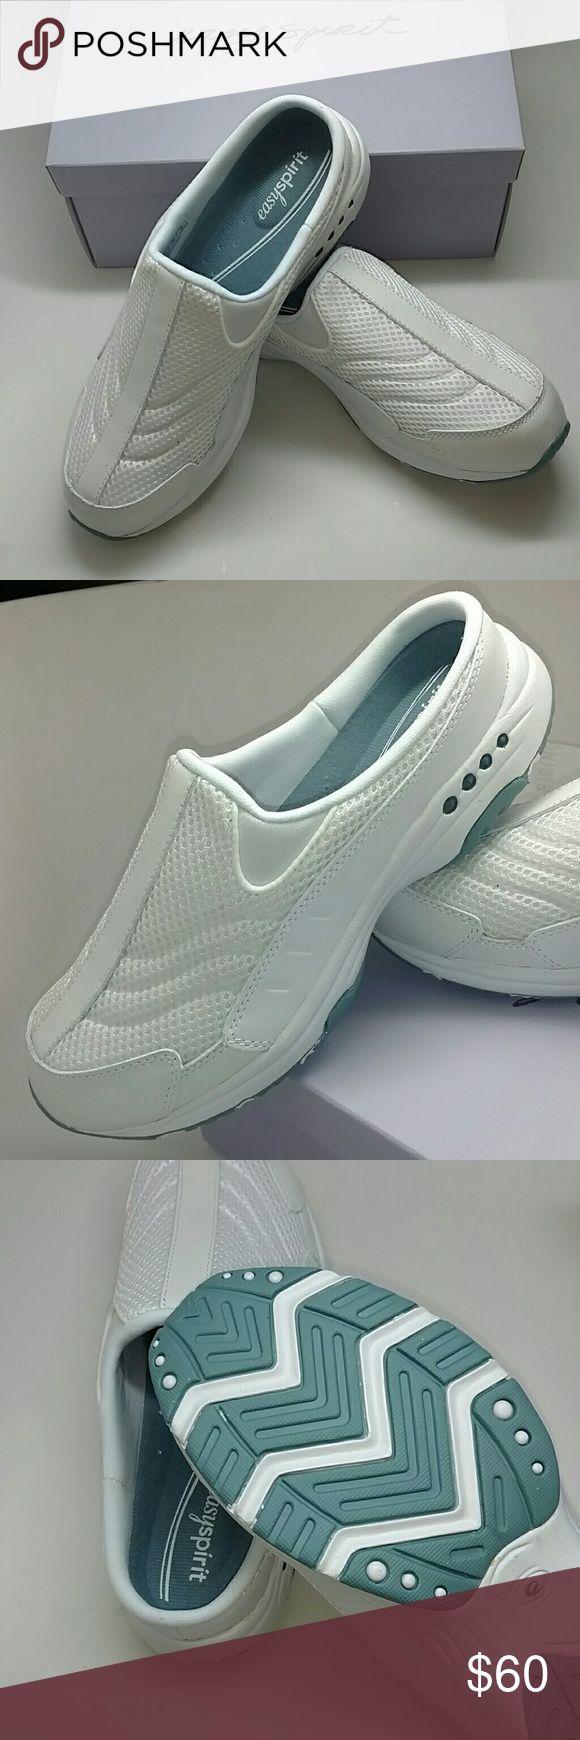 Easy Spirit Easy dpirit Easy Spirit Shoes Sneakers